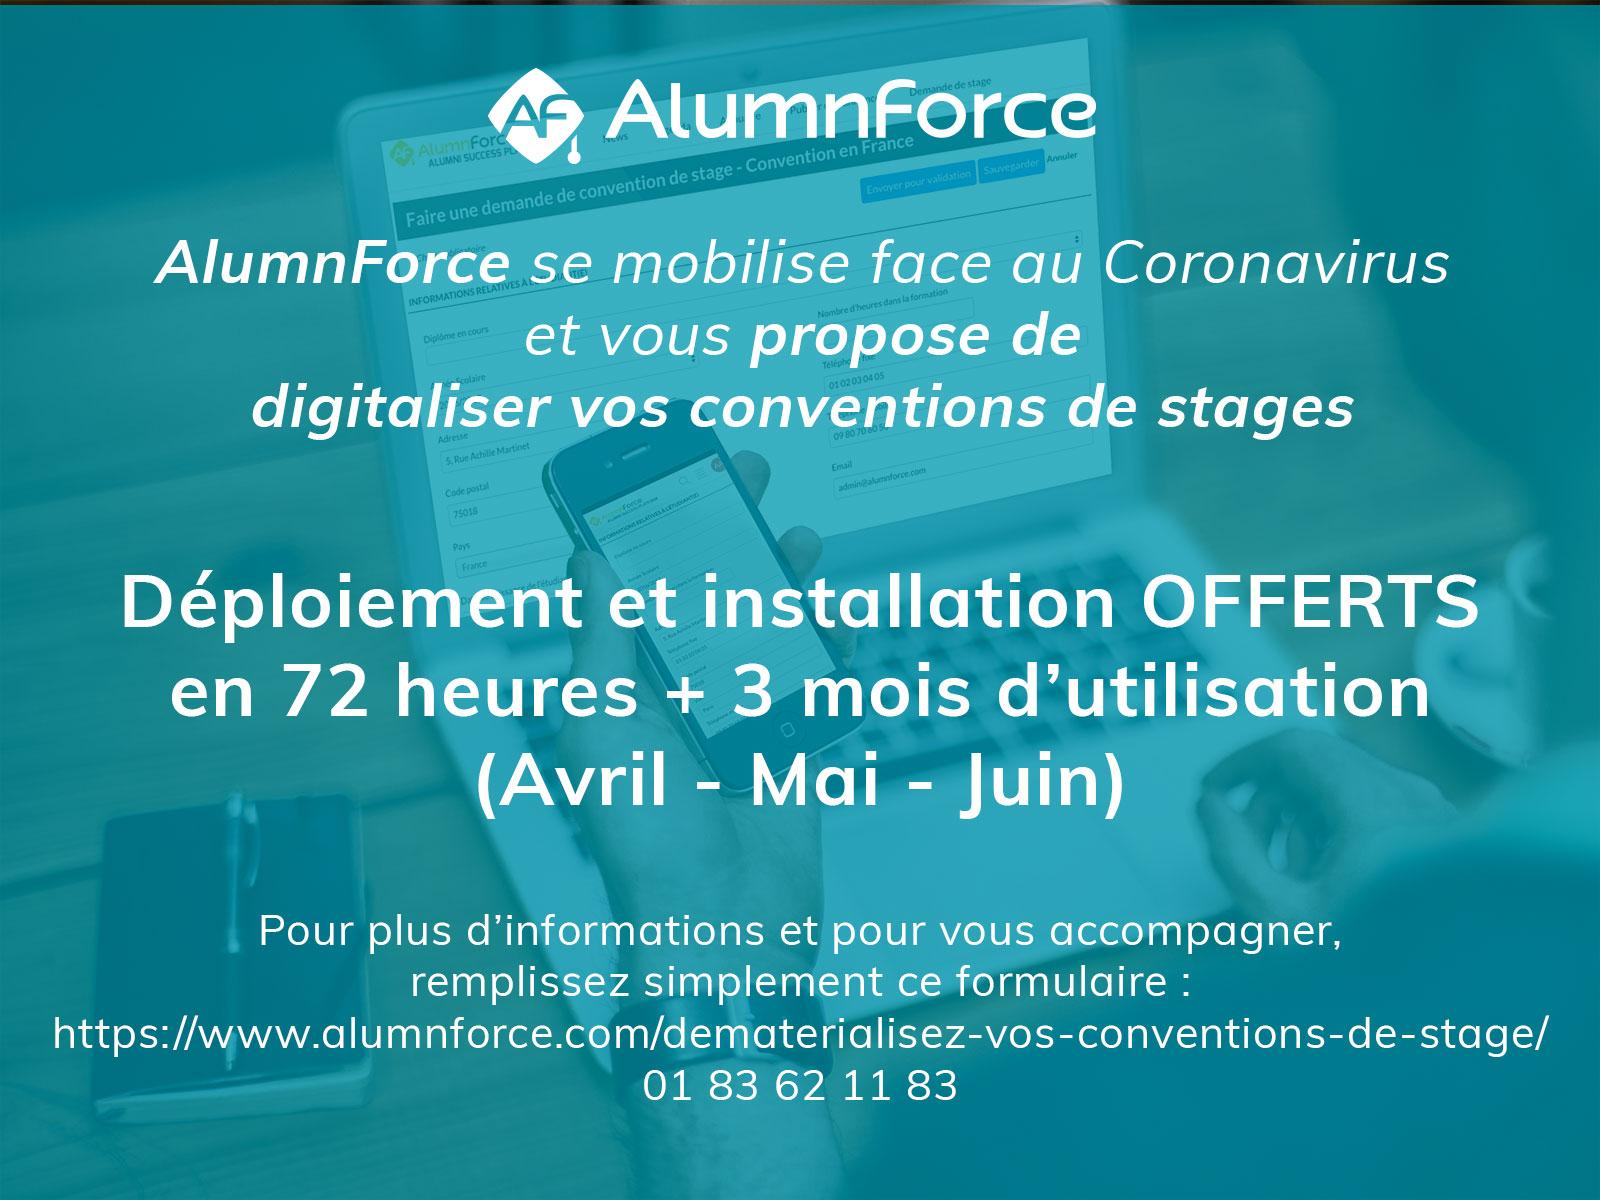 AlumnForce se mobilise face au Coronavirus  et vous propose de digitaliser vos  conventions de stages jusqu'à la signature